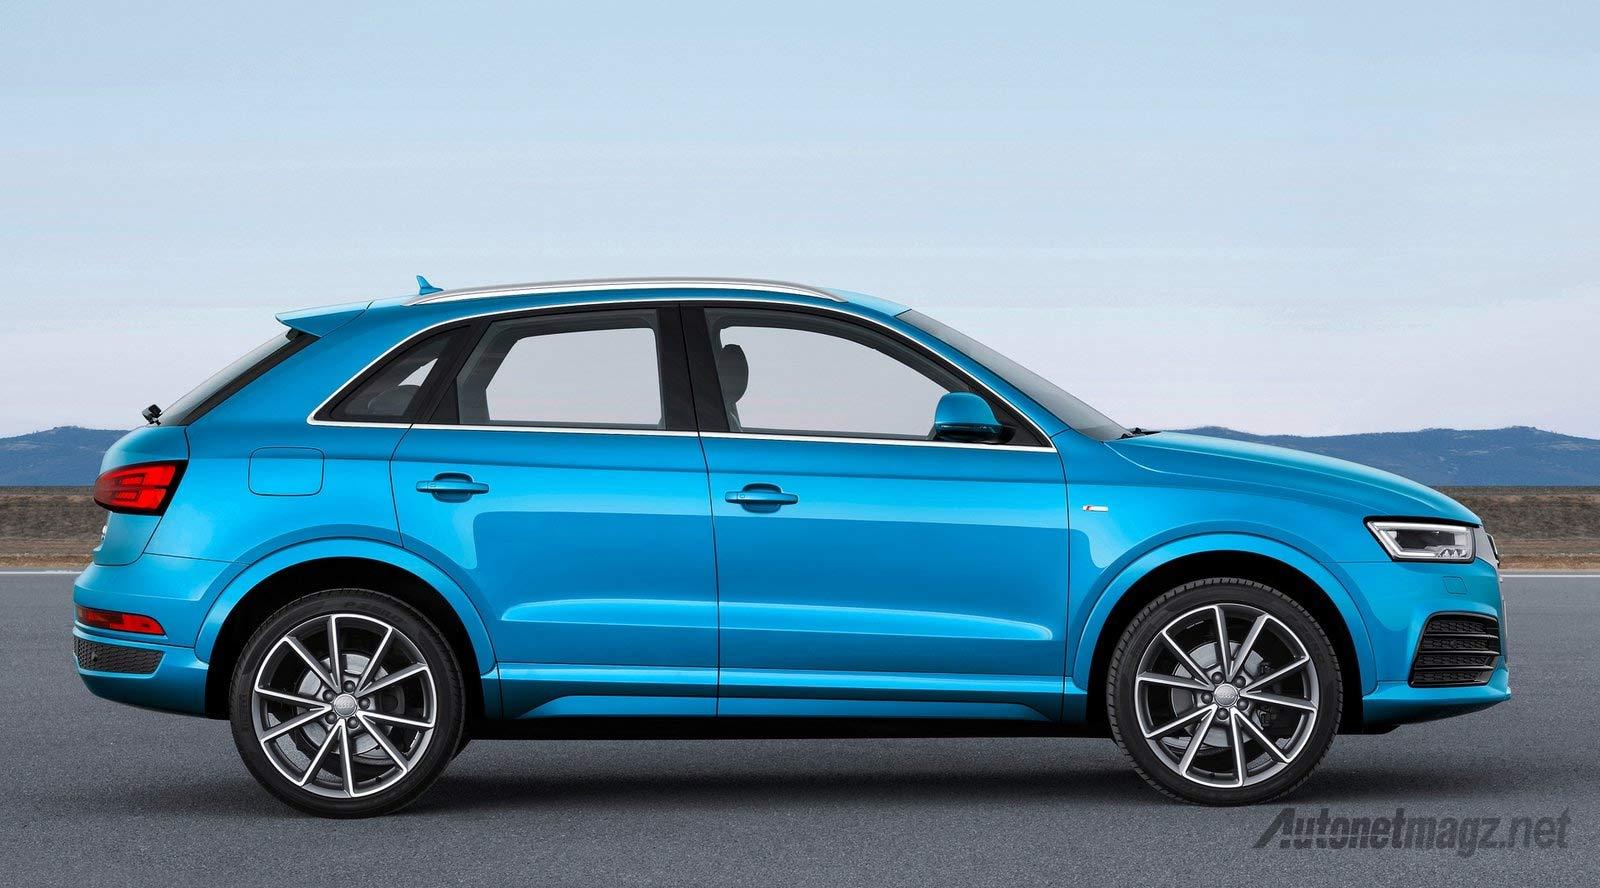 Wallpaper-Audi-Q3-2015-Facelift